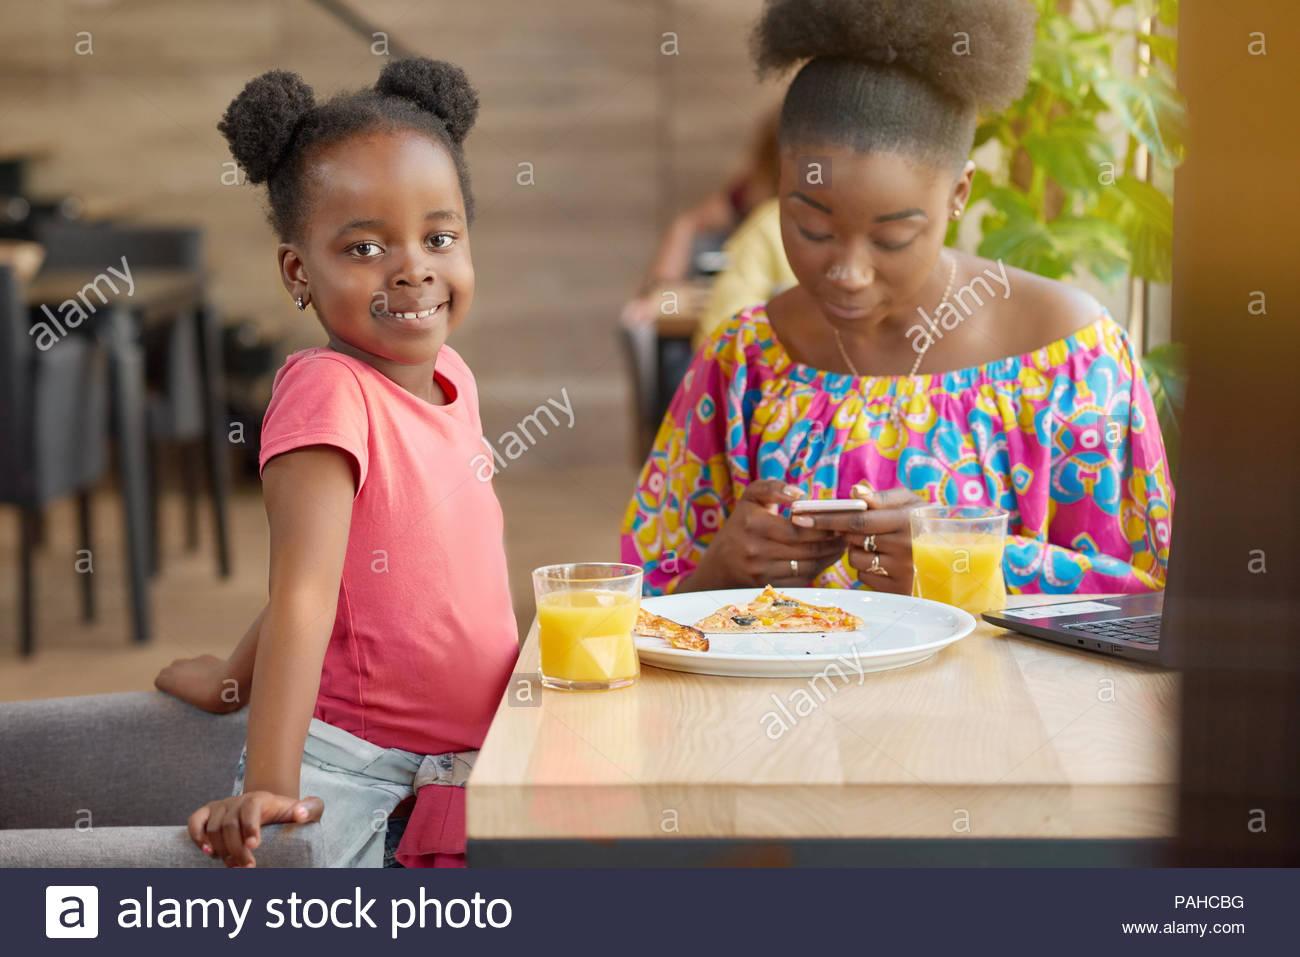 Sonriente, feliz, madre e hija beber zumo de naranja, comer pizza. Madre manteniendo smartphone, chatear en Internet. Cute Little Girl mirando a la cámara, sentirse feliz, pasar tiempo con la familia. Imagen De Stock